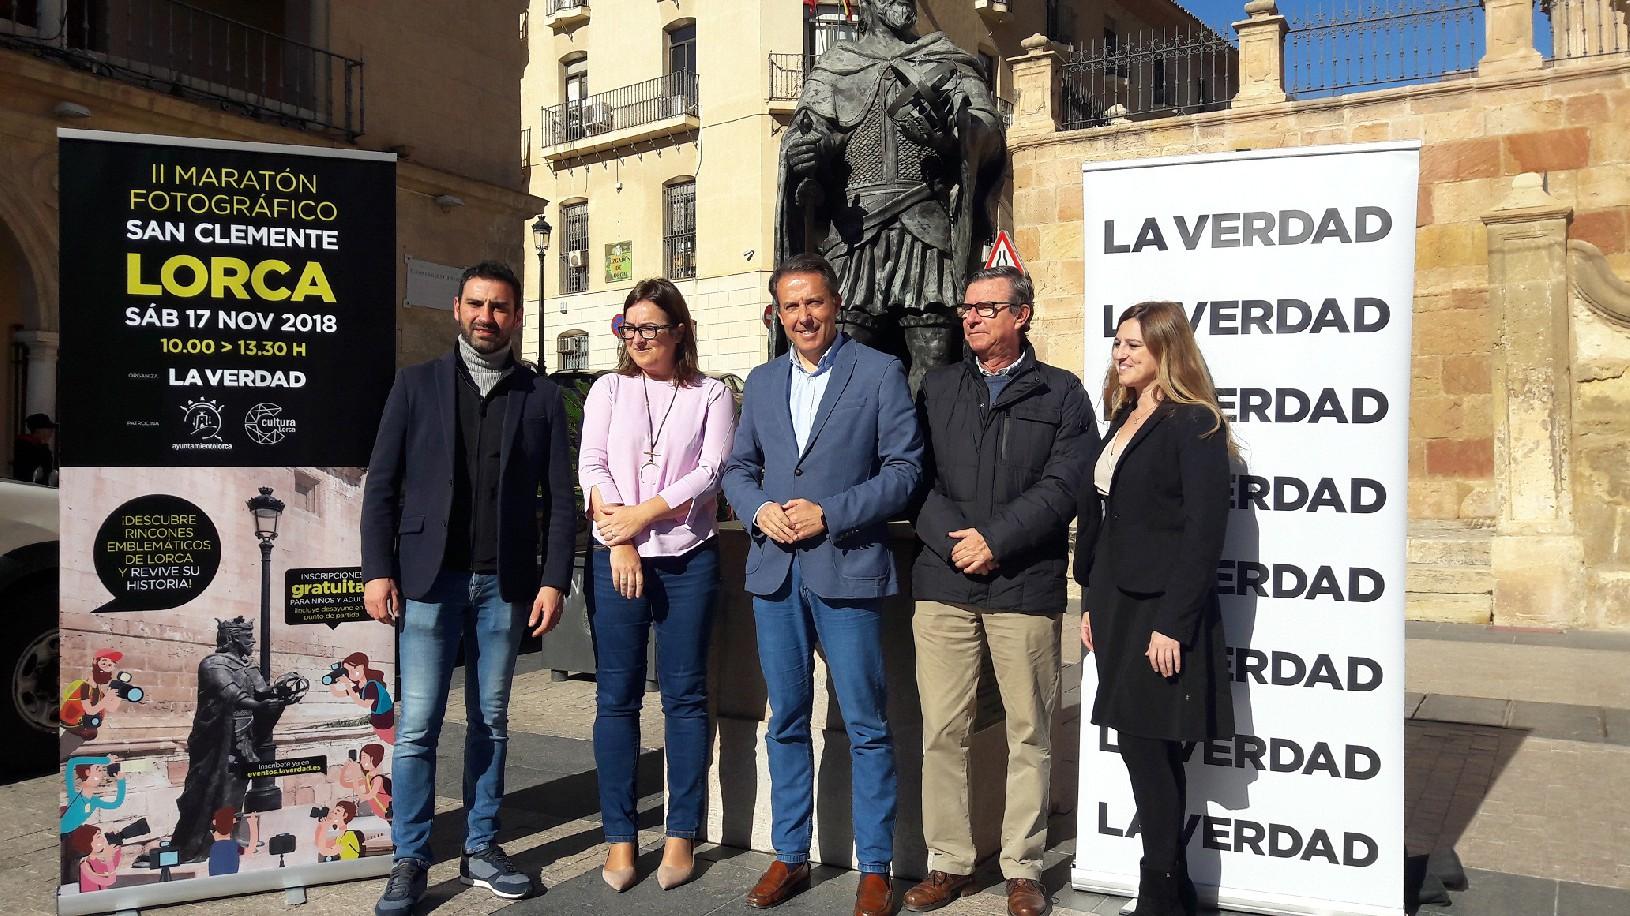 El sábado, 17 de noviembre, se celebrará el II Maratón Fotográfico »Lorca-San Clemente»